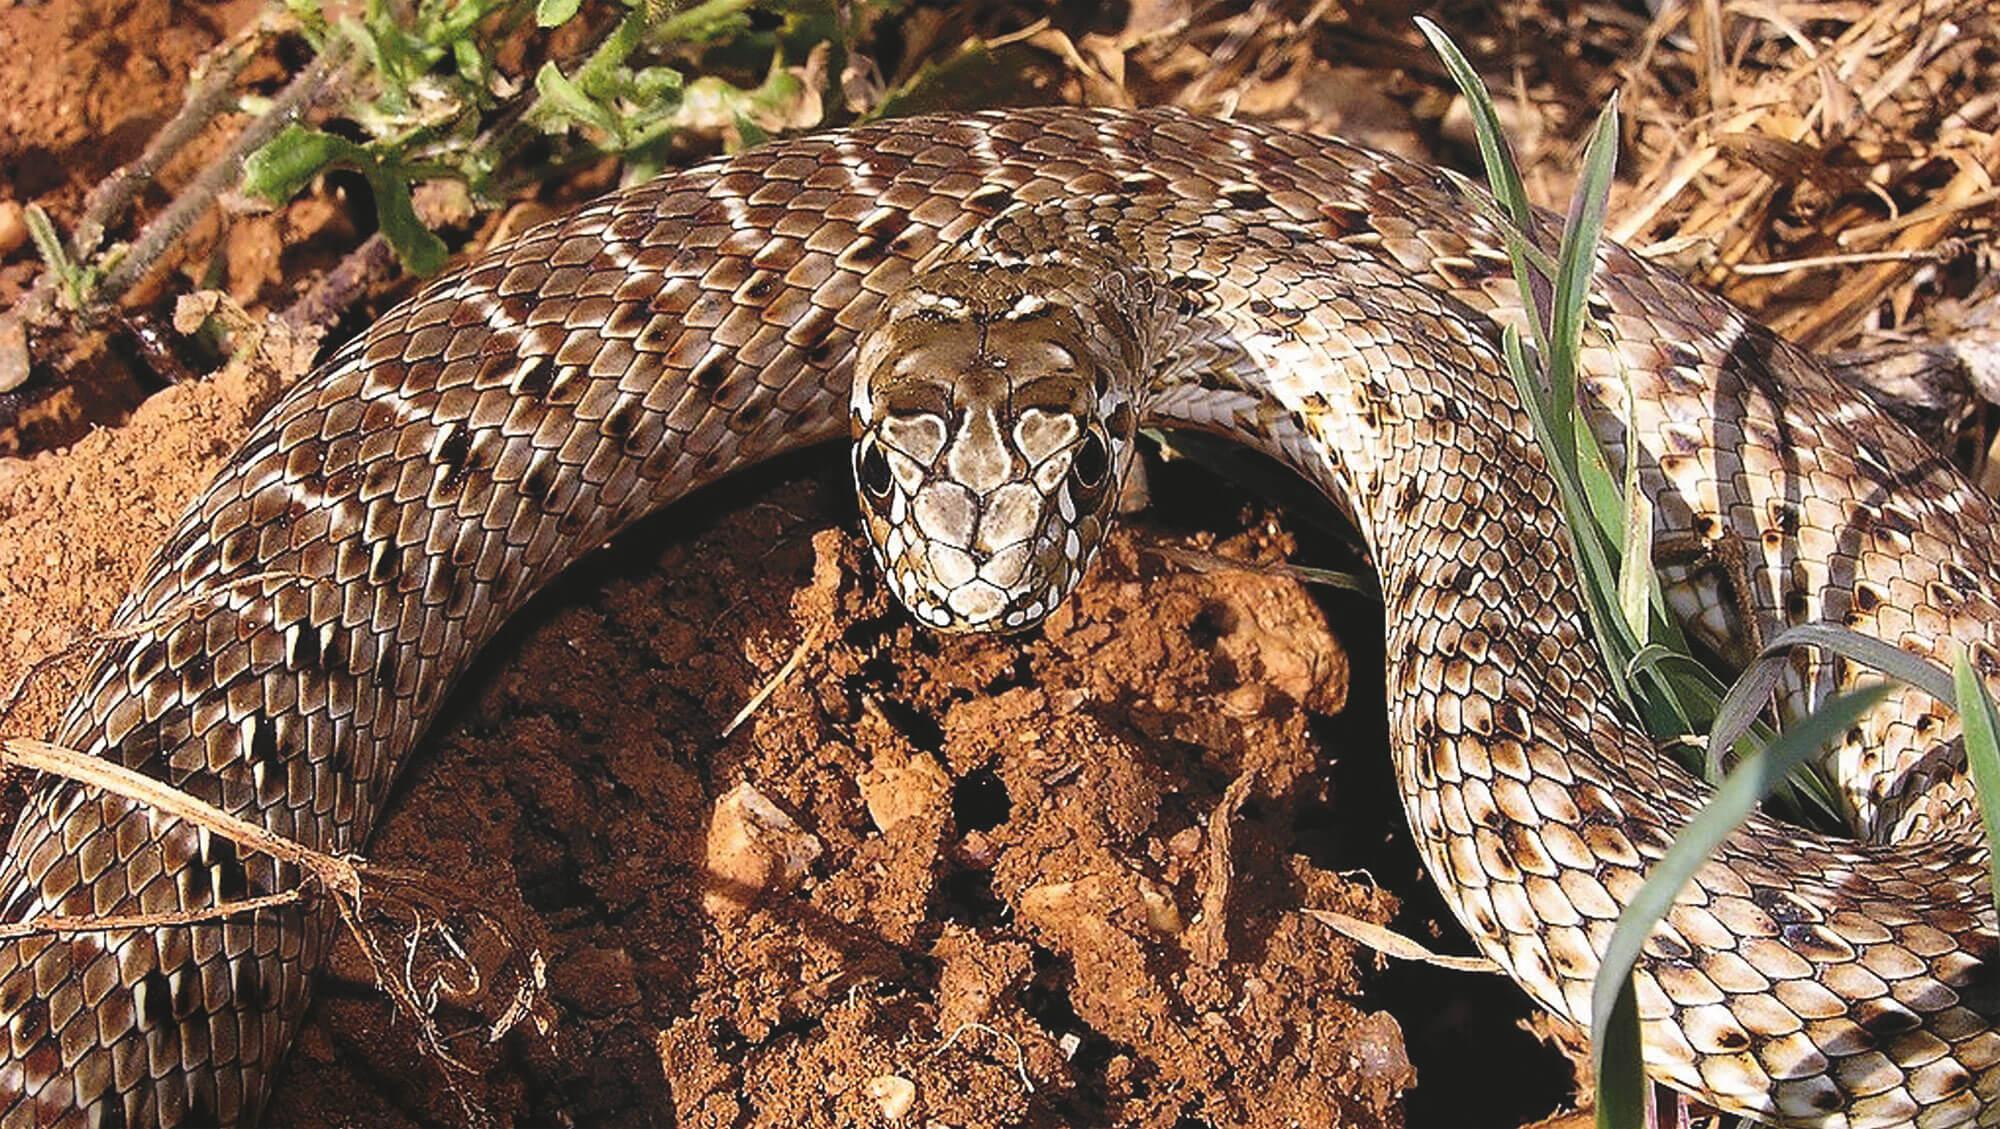 La belle couleuvre de Montpellier - La Salamandre